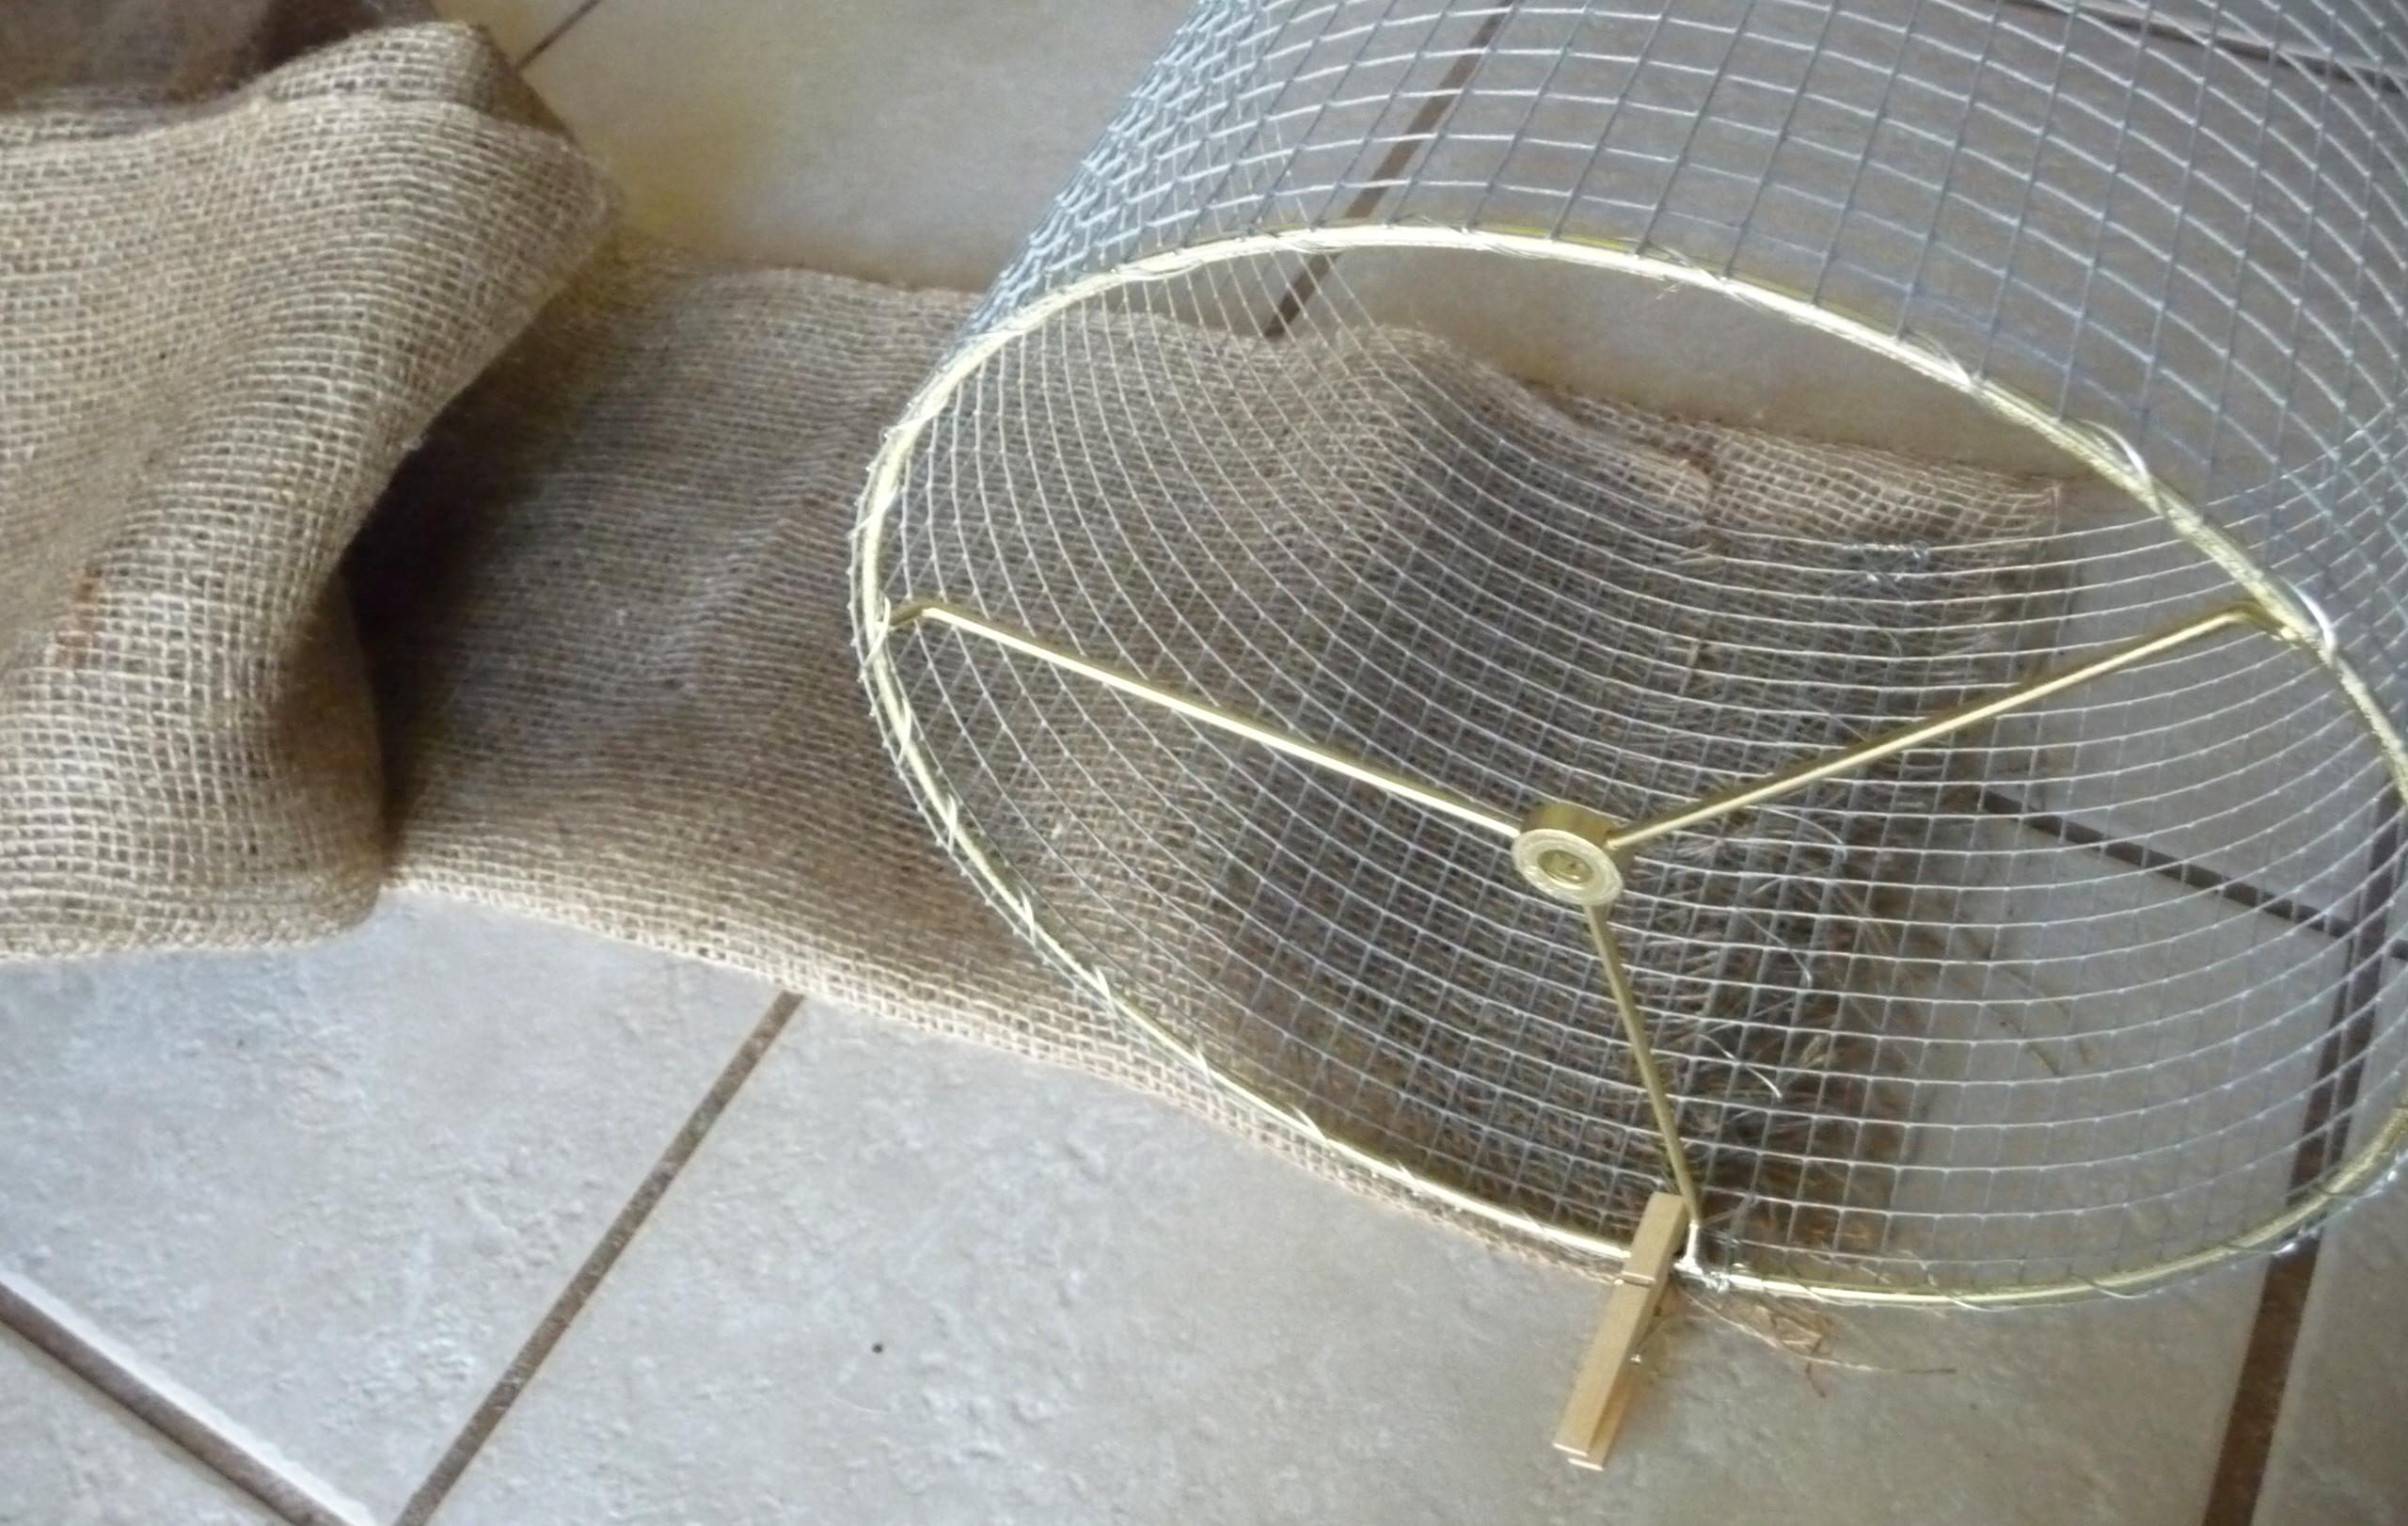 Diy garden burlap lamp shade craft organic we greentooth Images